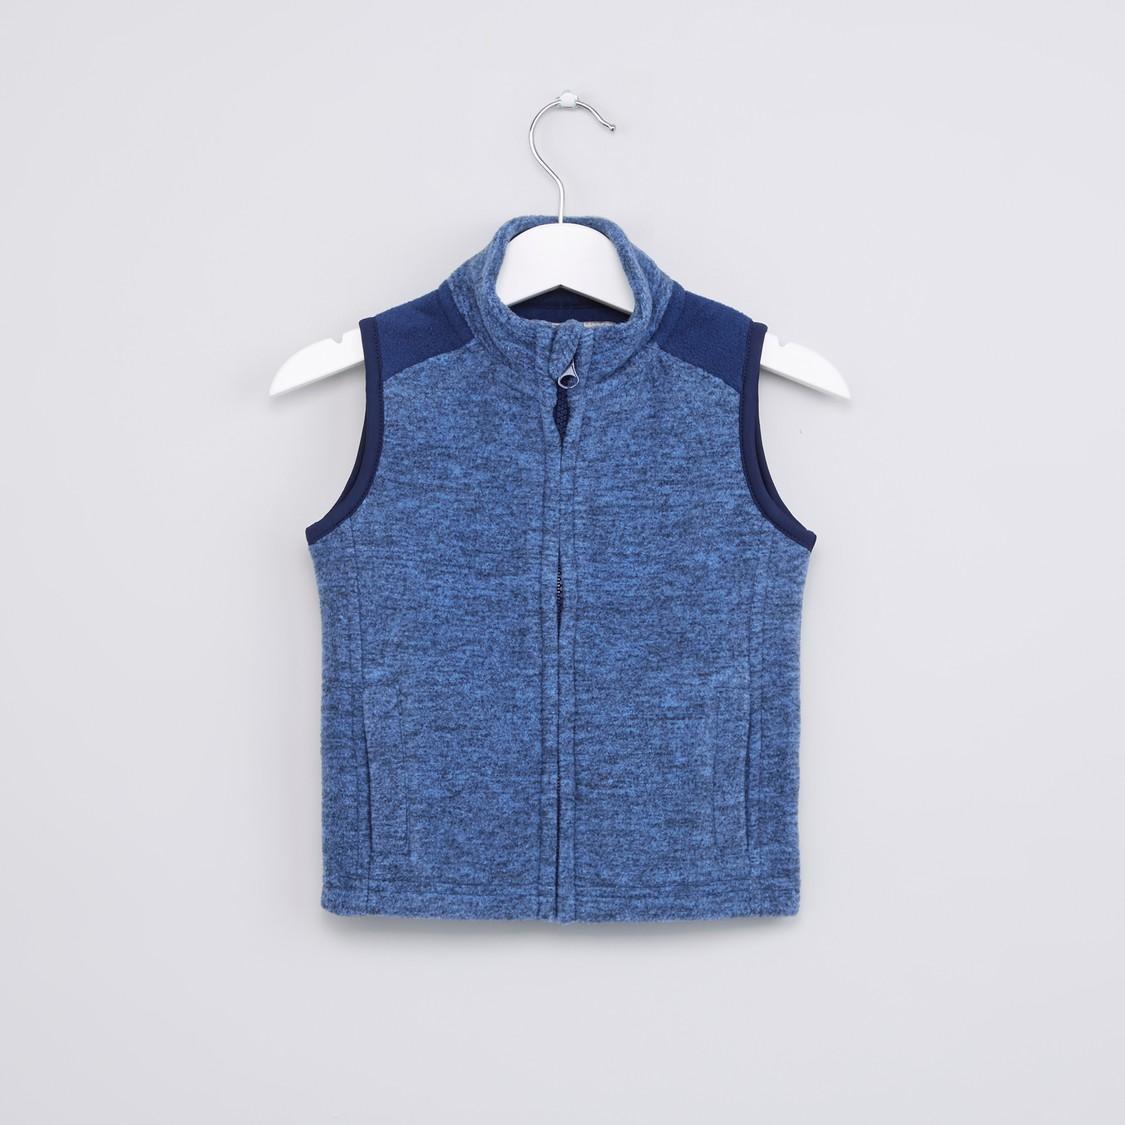 Textured Sleeveless Jacket